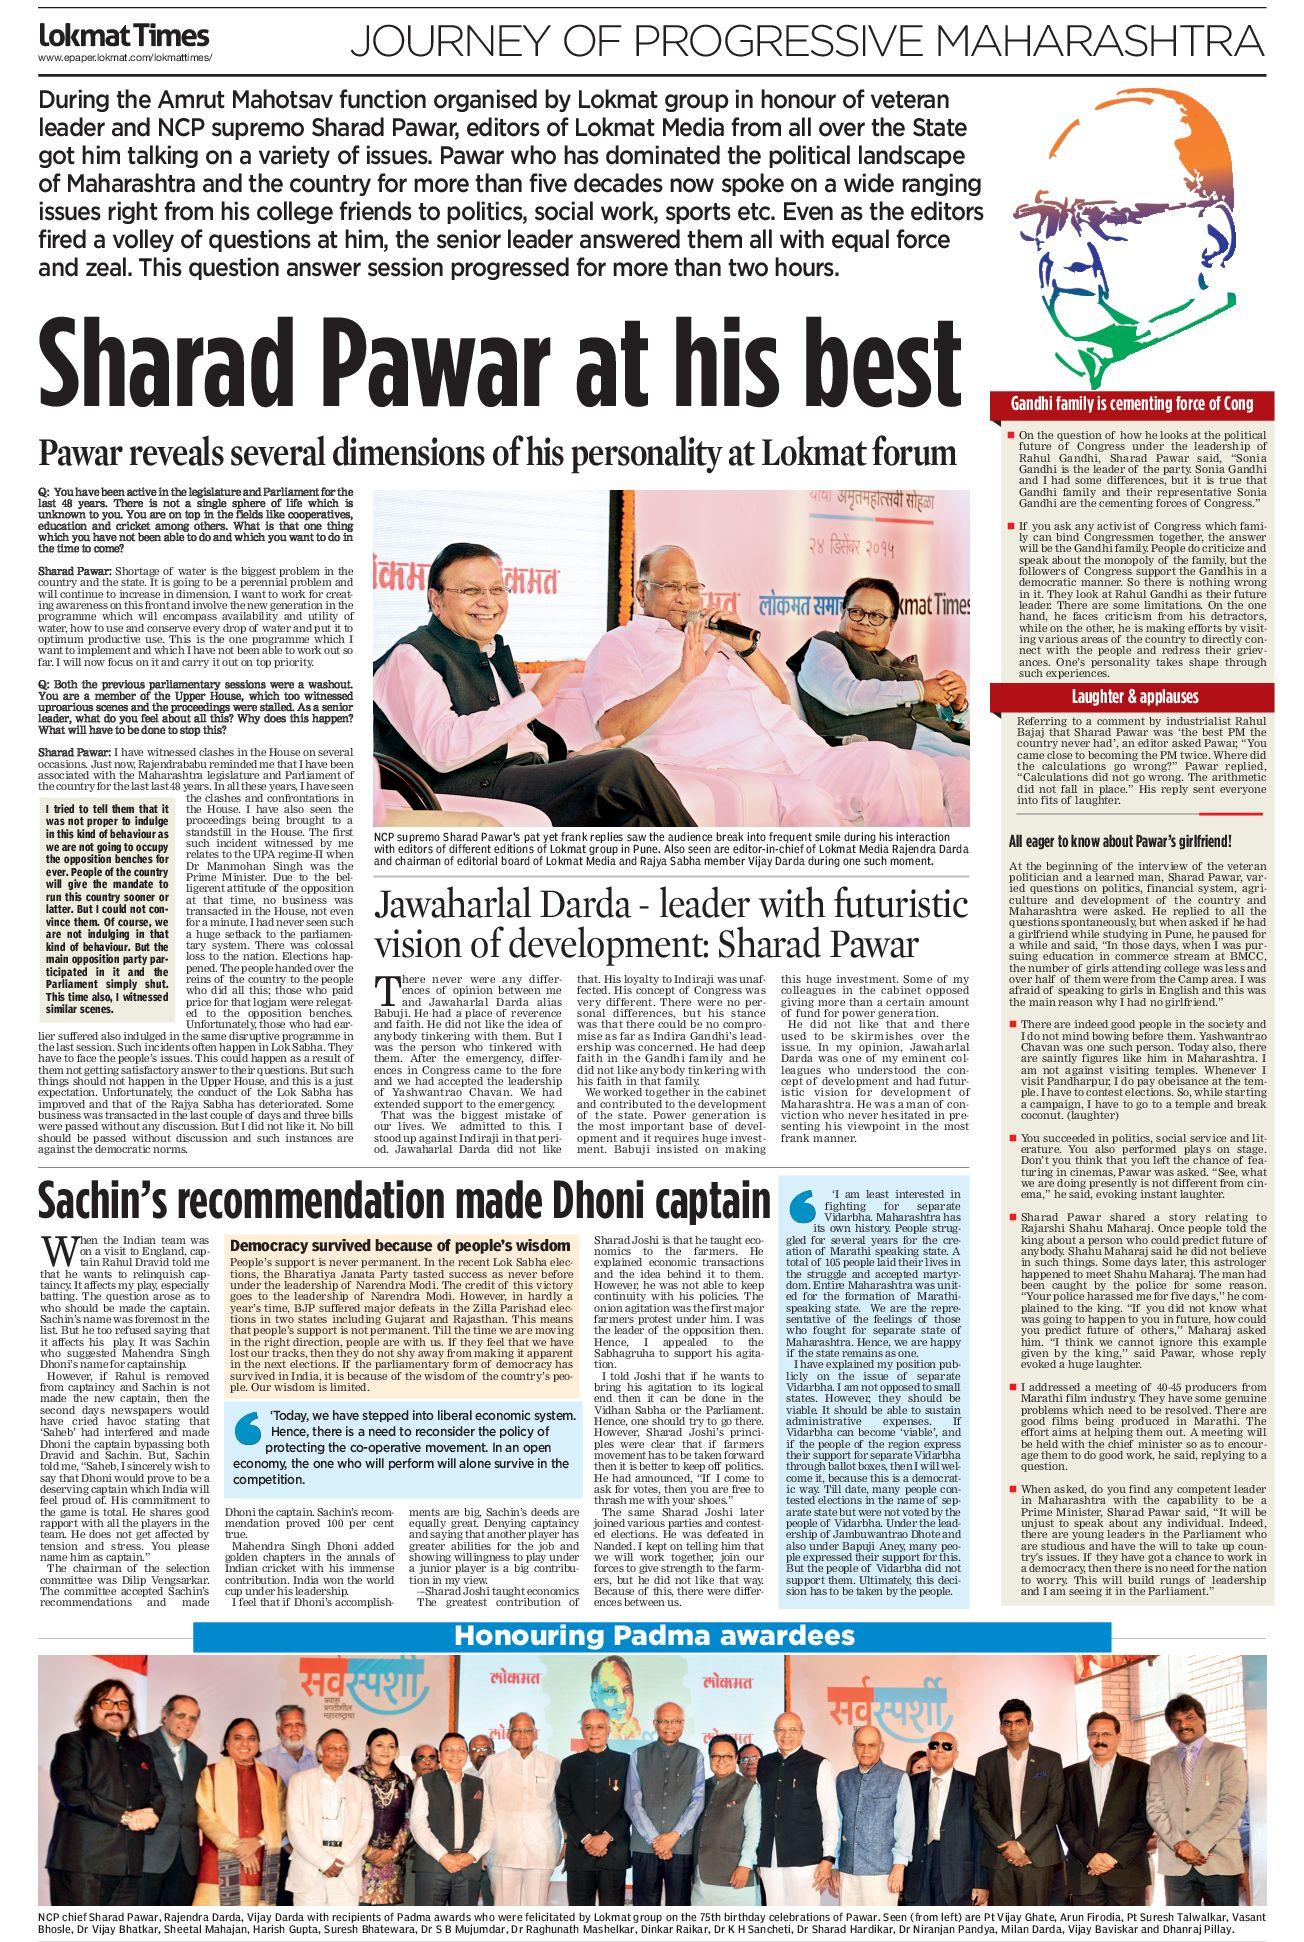 Sharad Pawar at his best